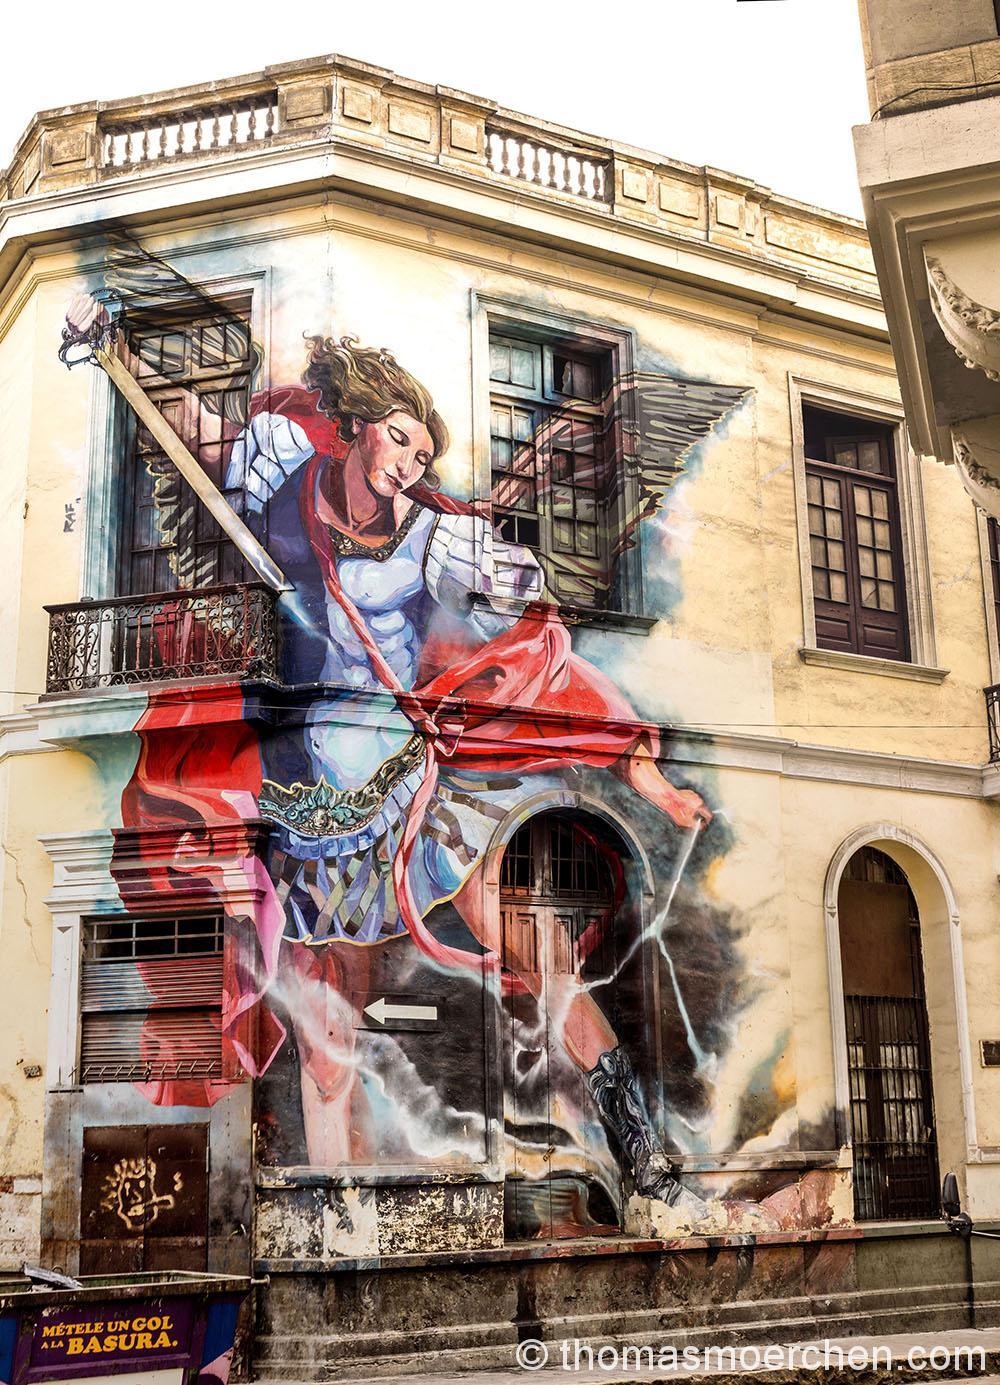 Eines der wenigen Graffities die man in Lima findet